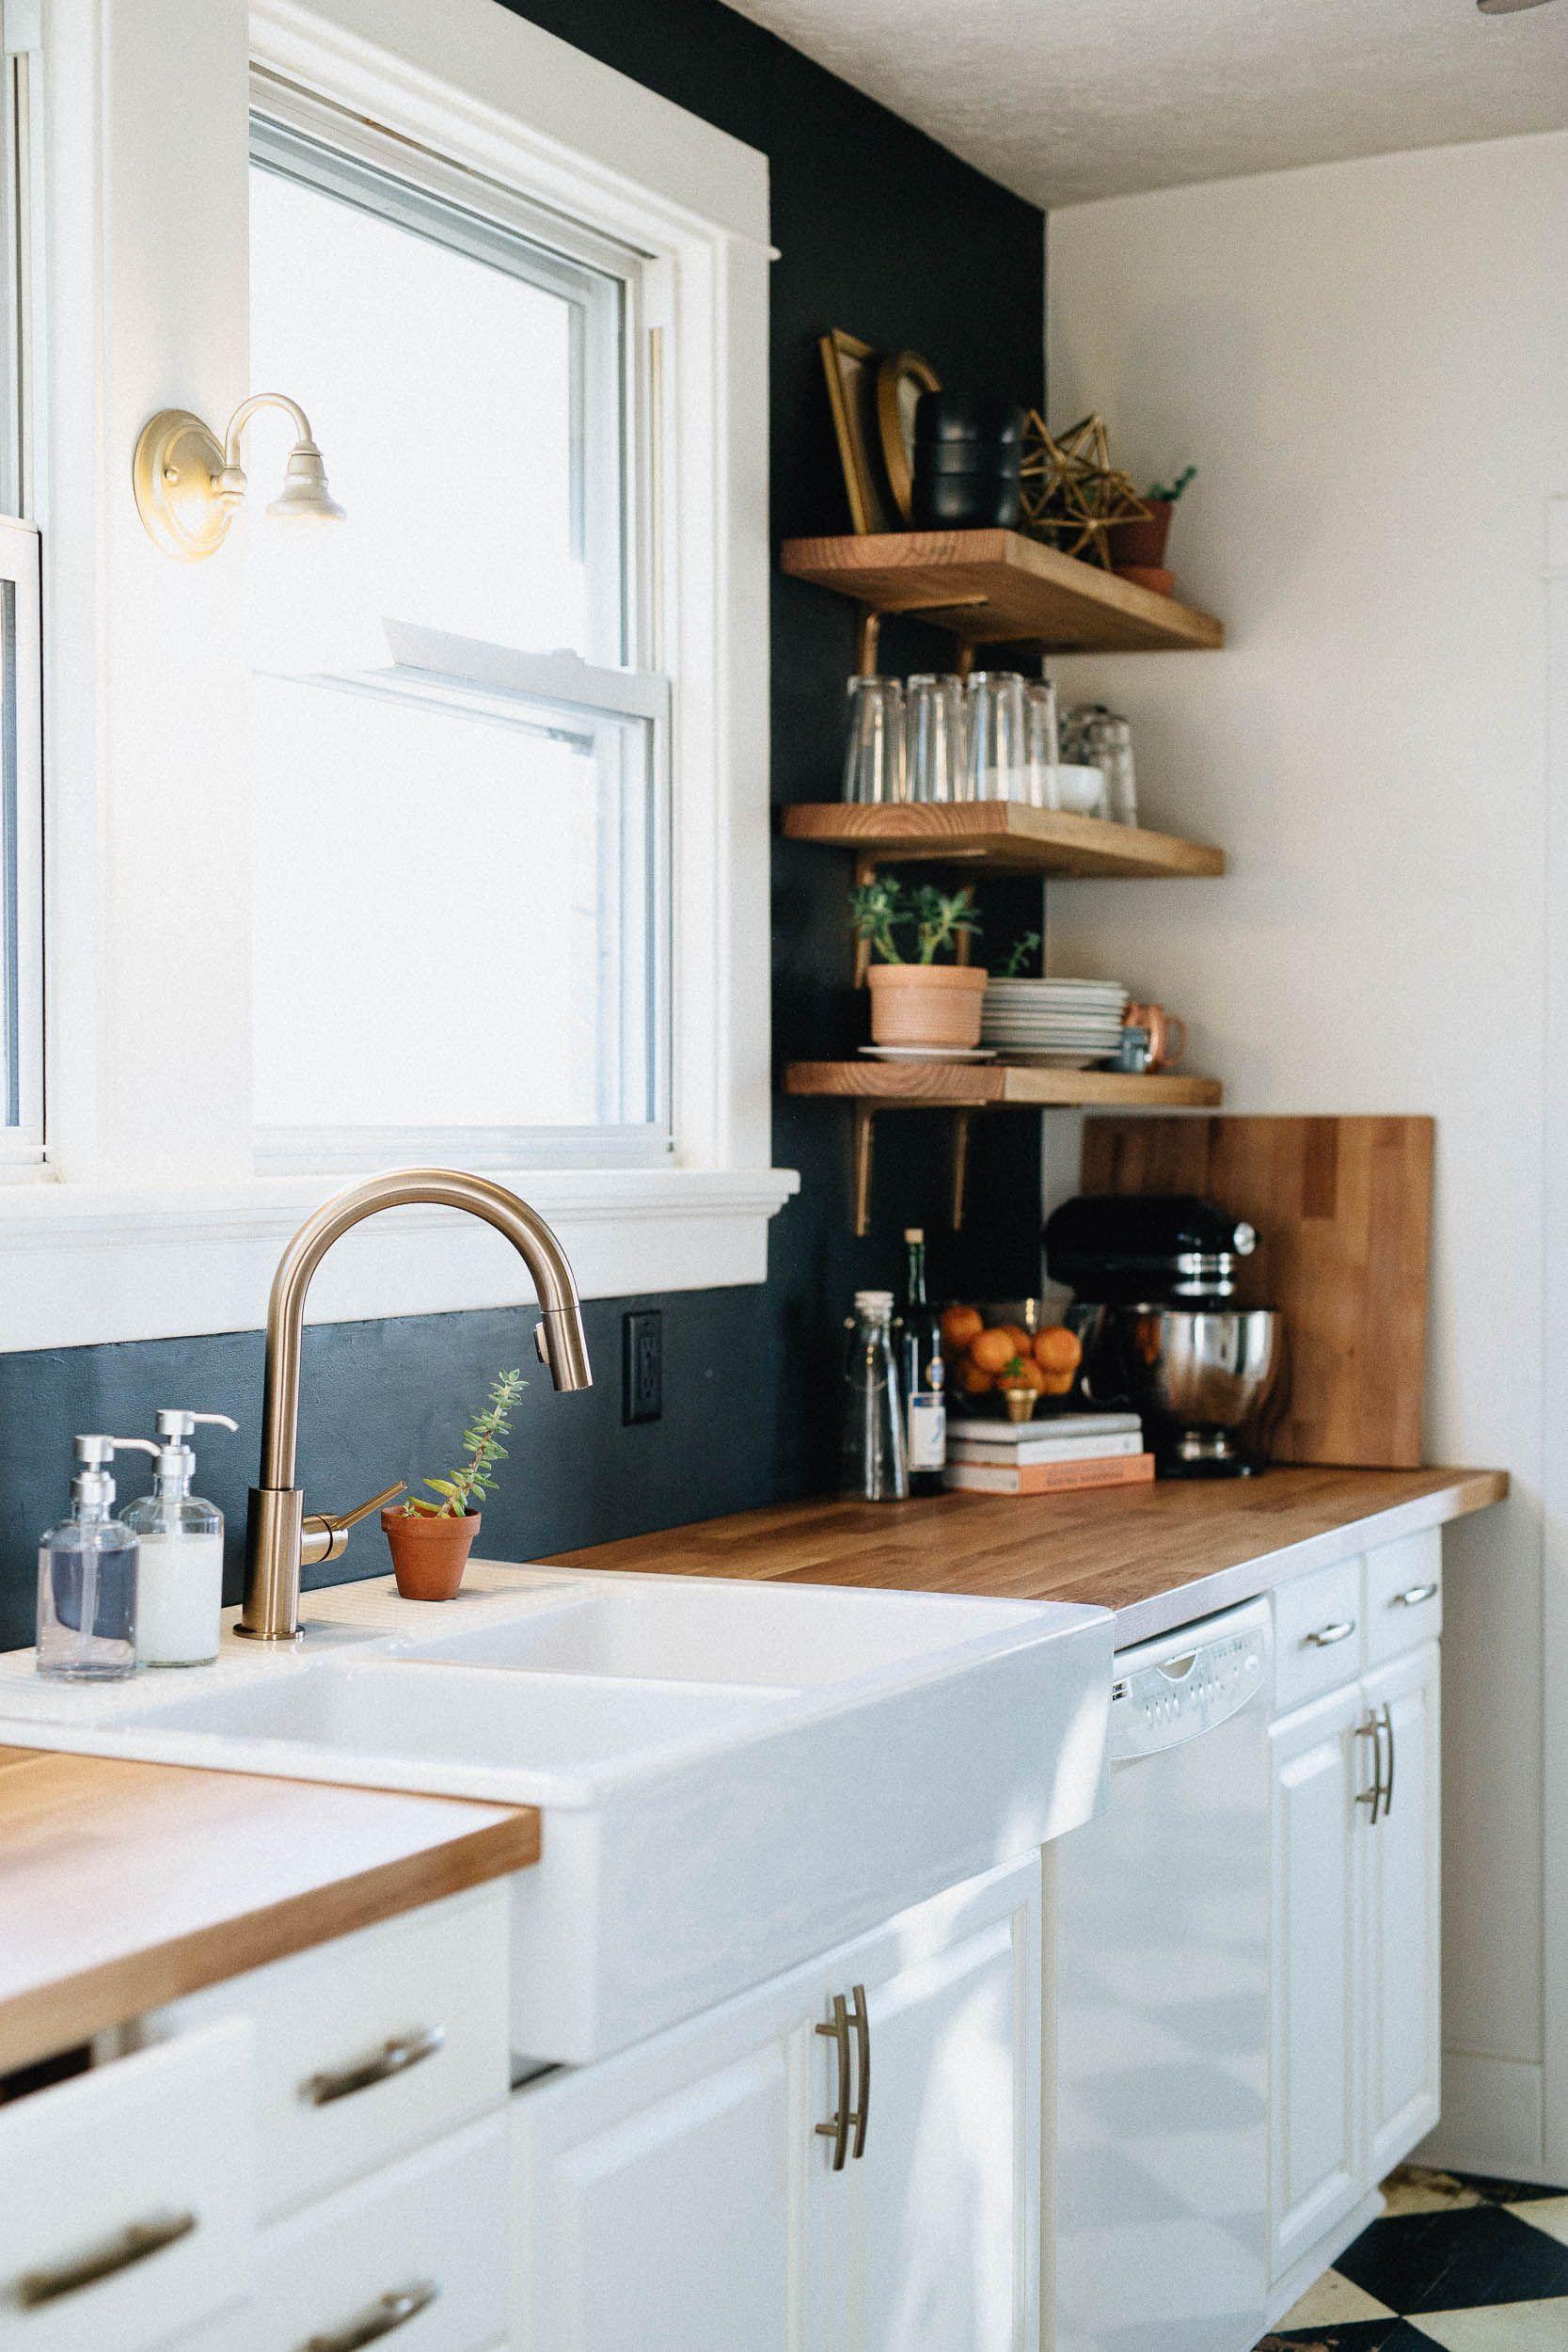 Our diy kitchen remodel open shelves shelves and diy kitchen remodel